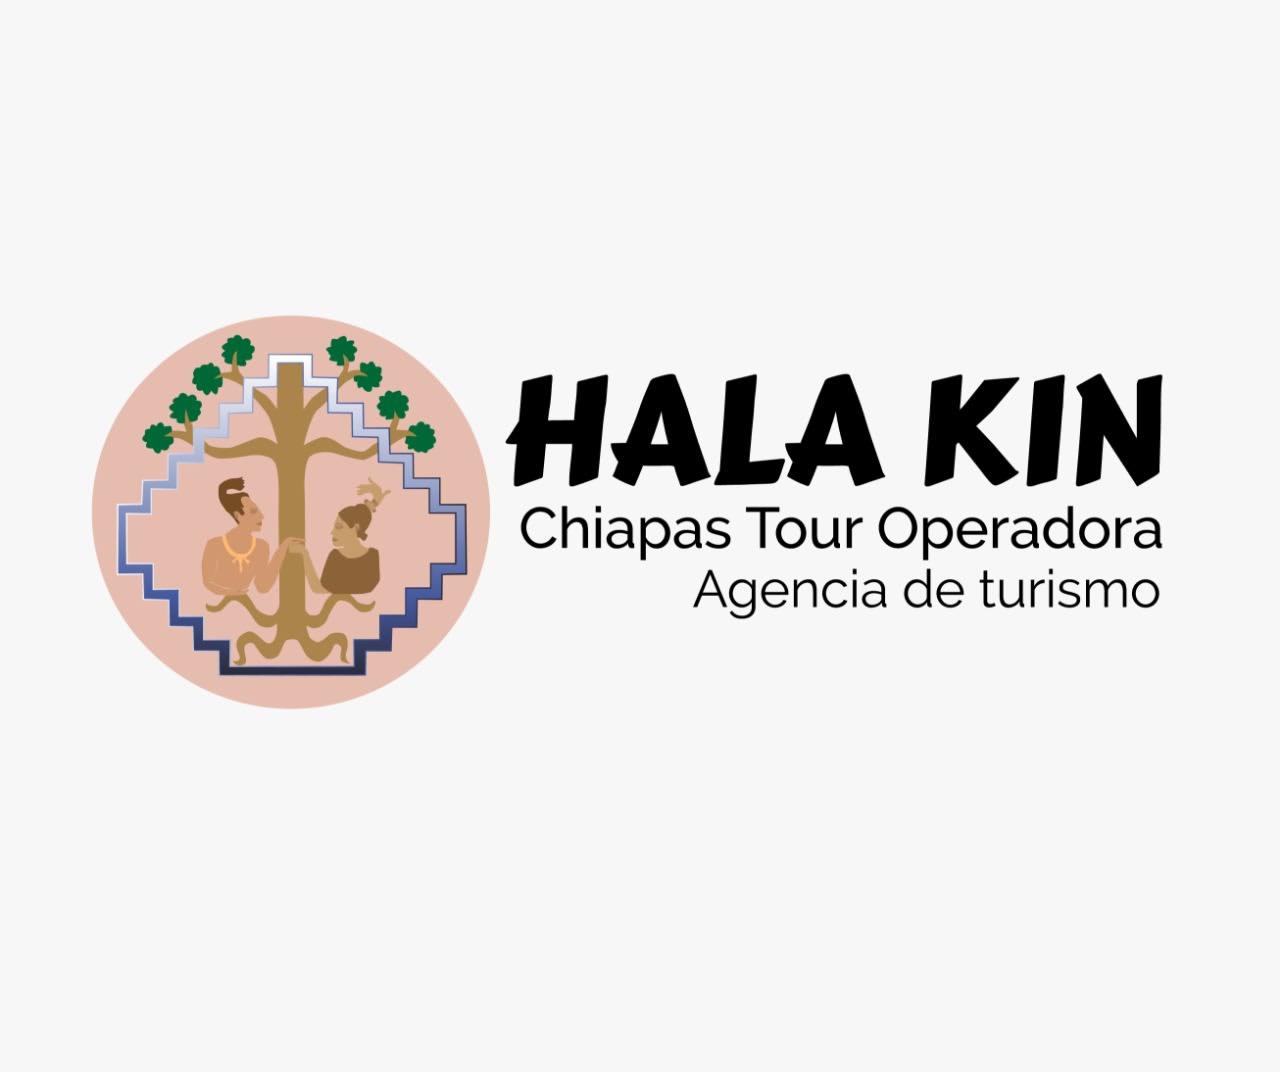 Hala-Kin Chiapas Tours